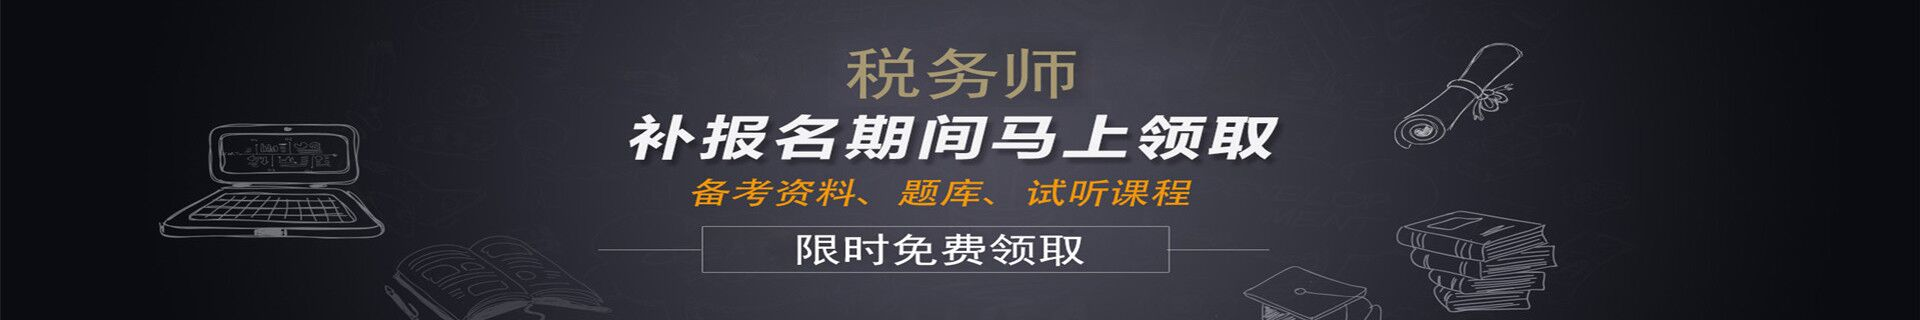 长沙高顿教育校区